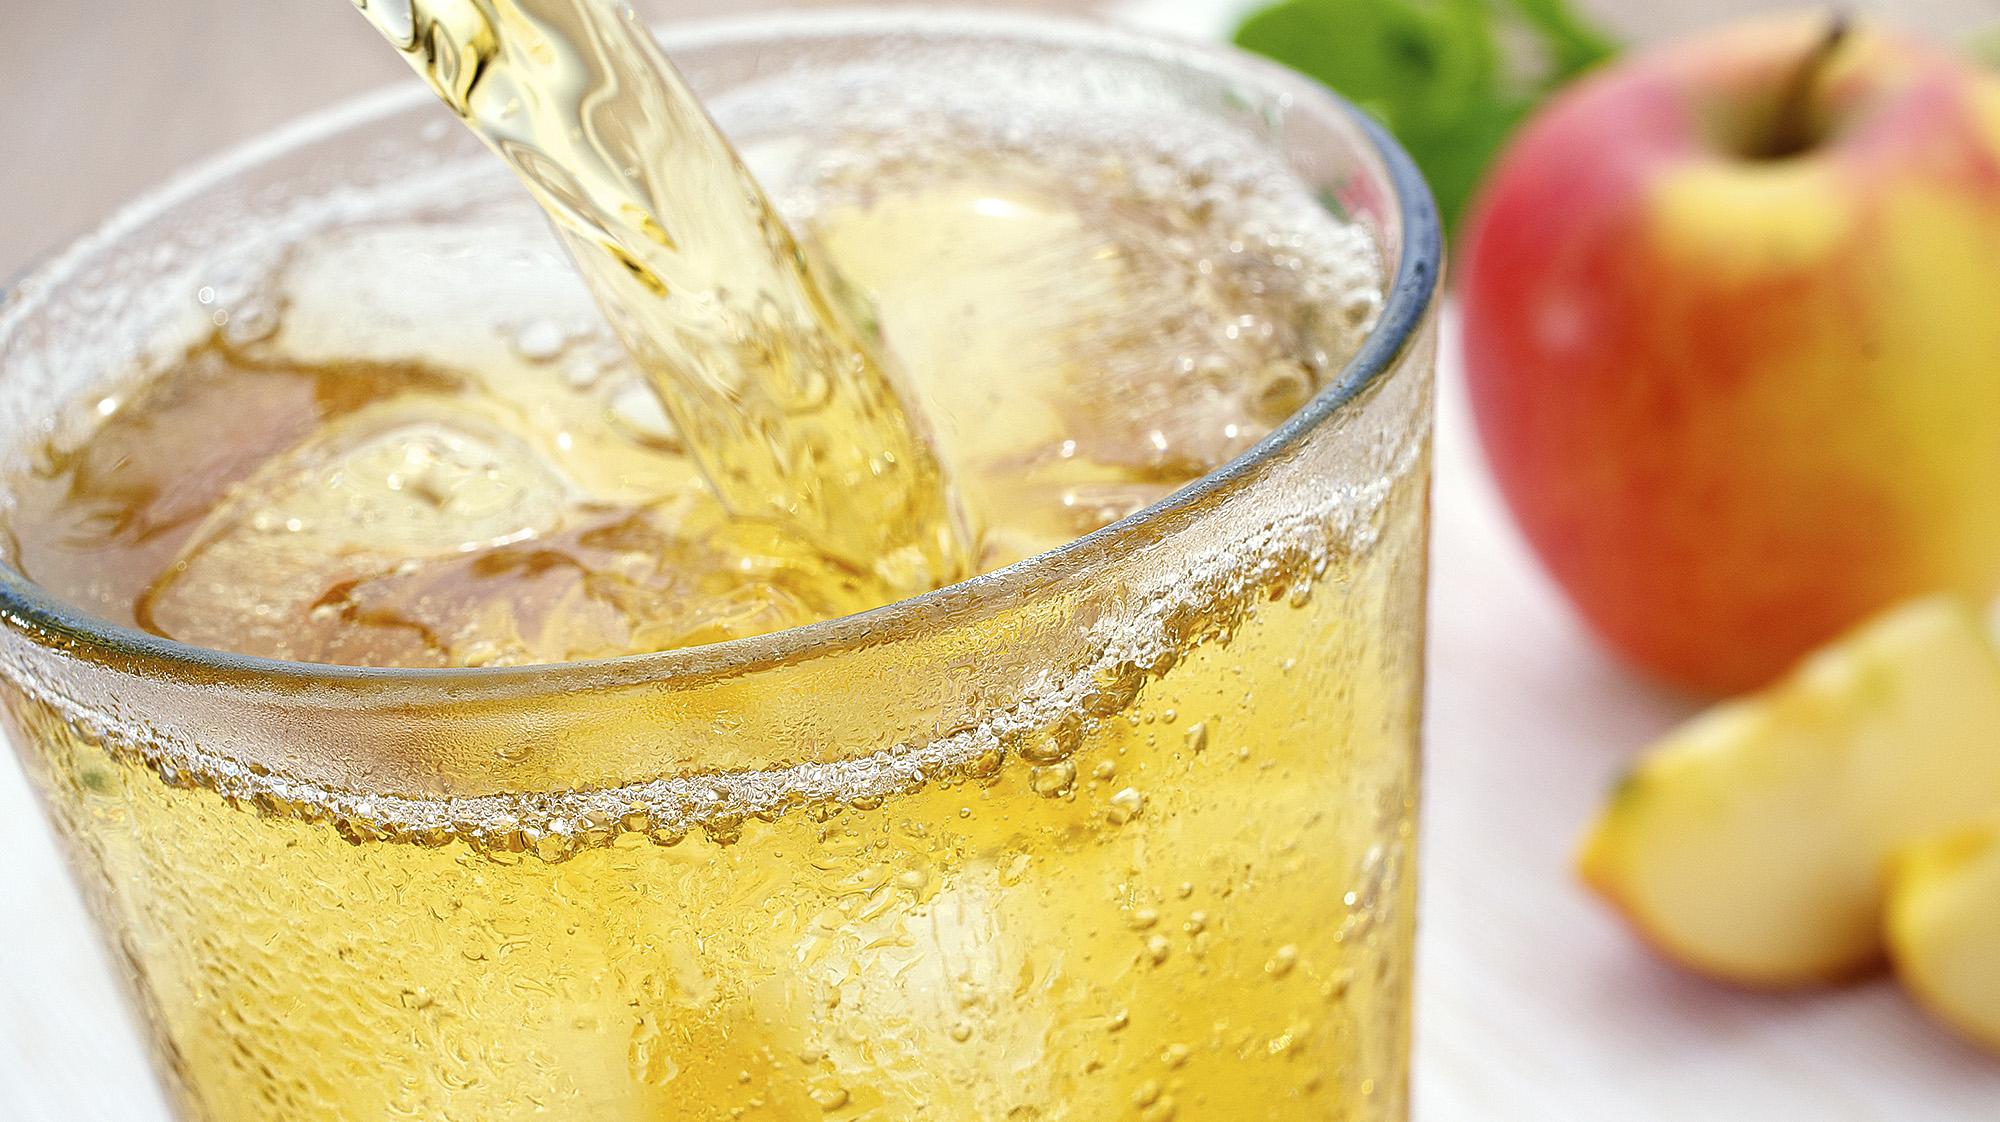 Cider season